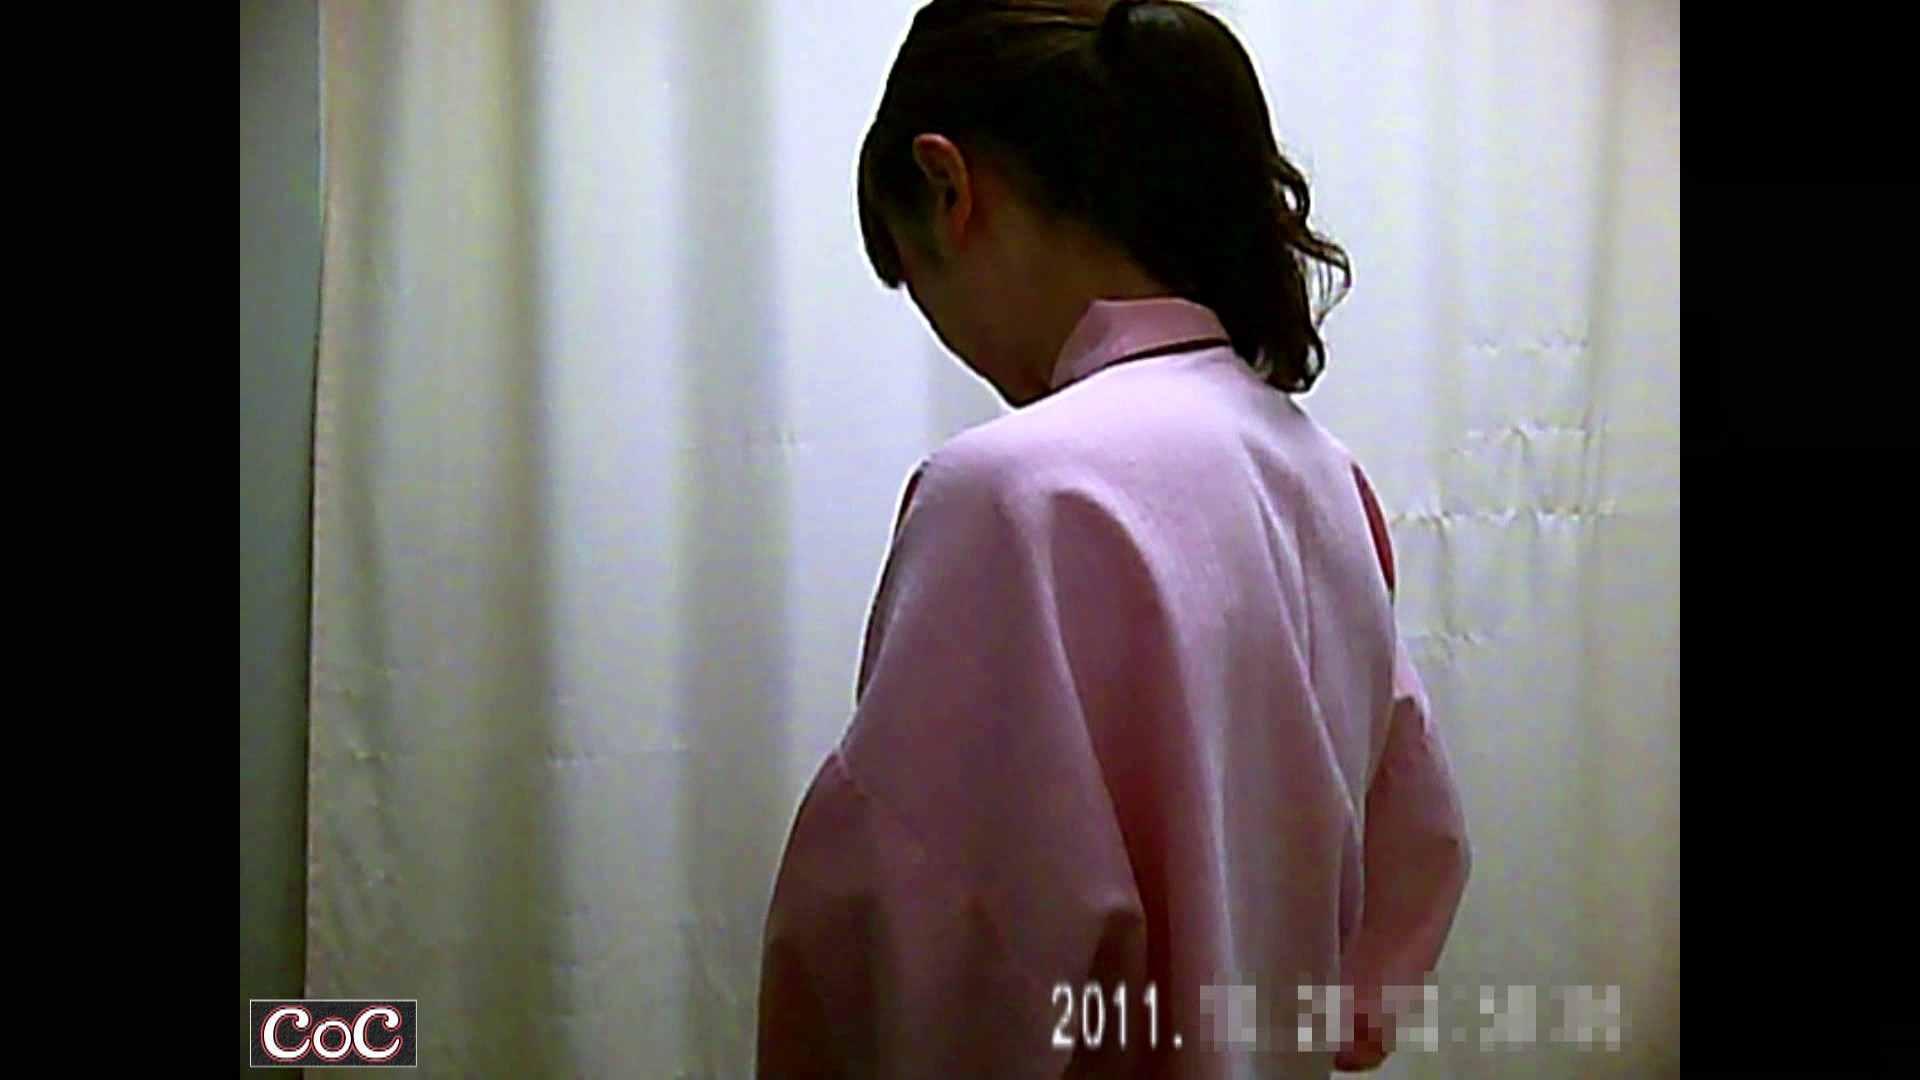 病院おもいっきり着替え! vol.75 おっぱい特集 オマンコ動画キャプチャ 55pic 18